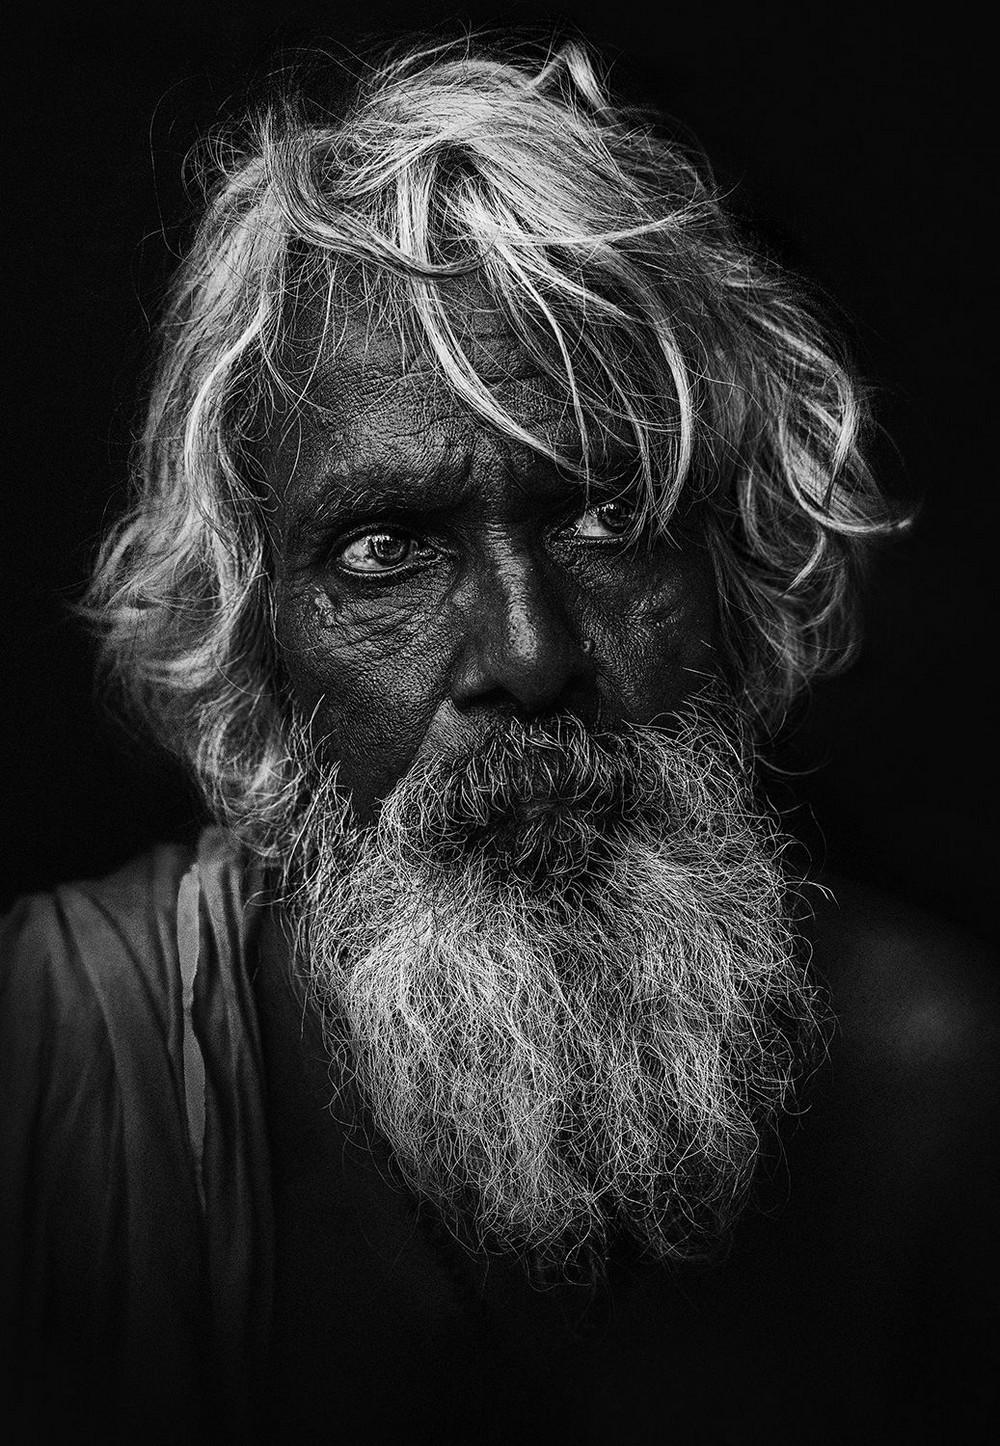 Победители фотоконкурса Siena International Photo Awards 2017 в категории «Обворожительные лица» 21